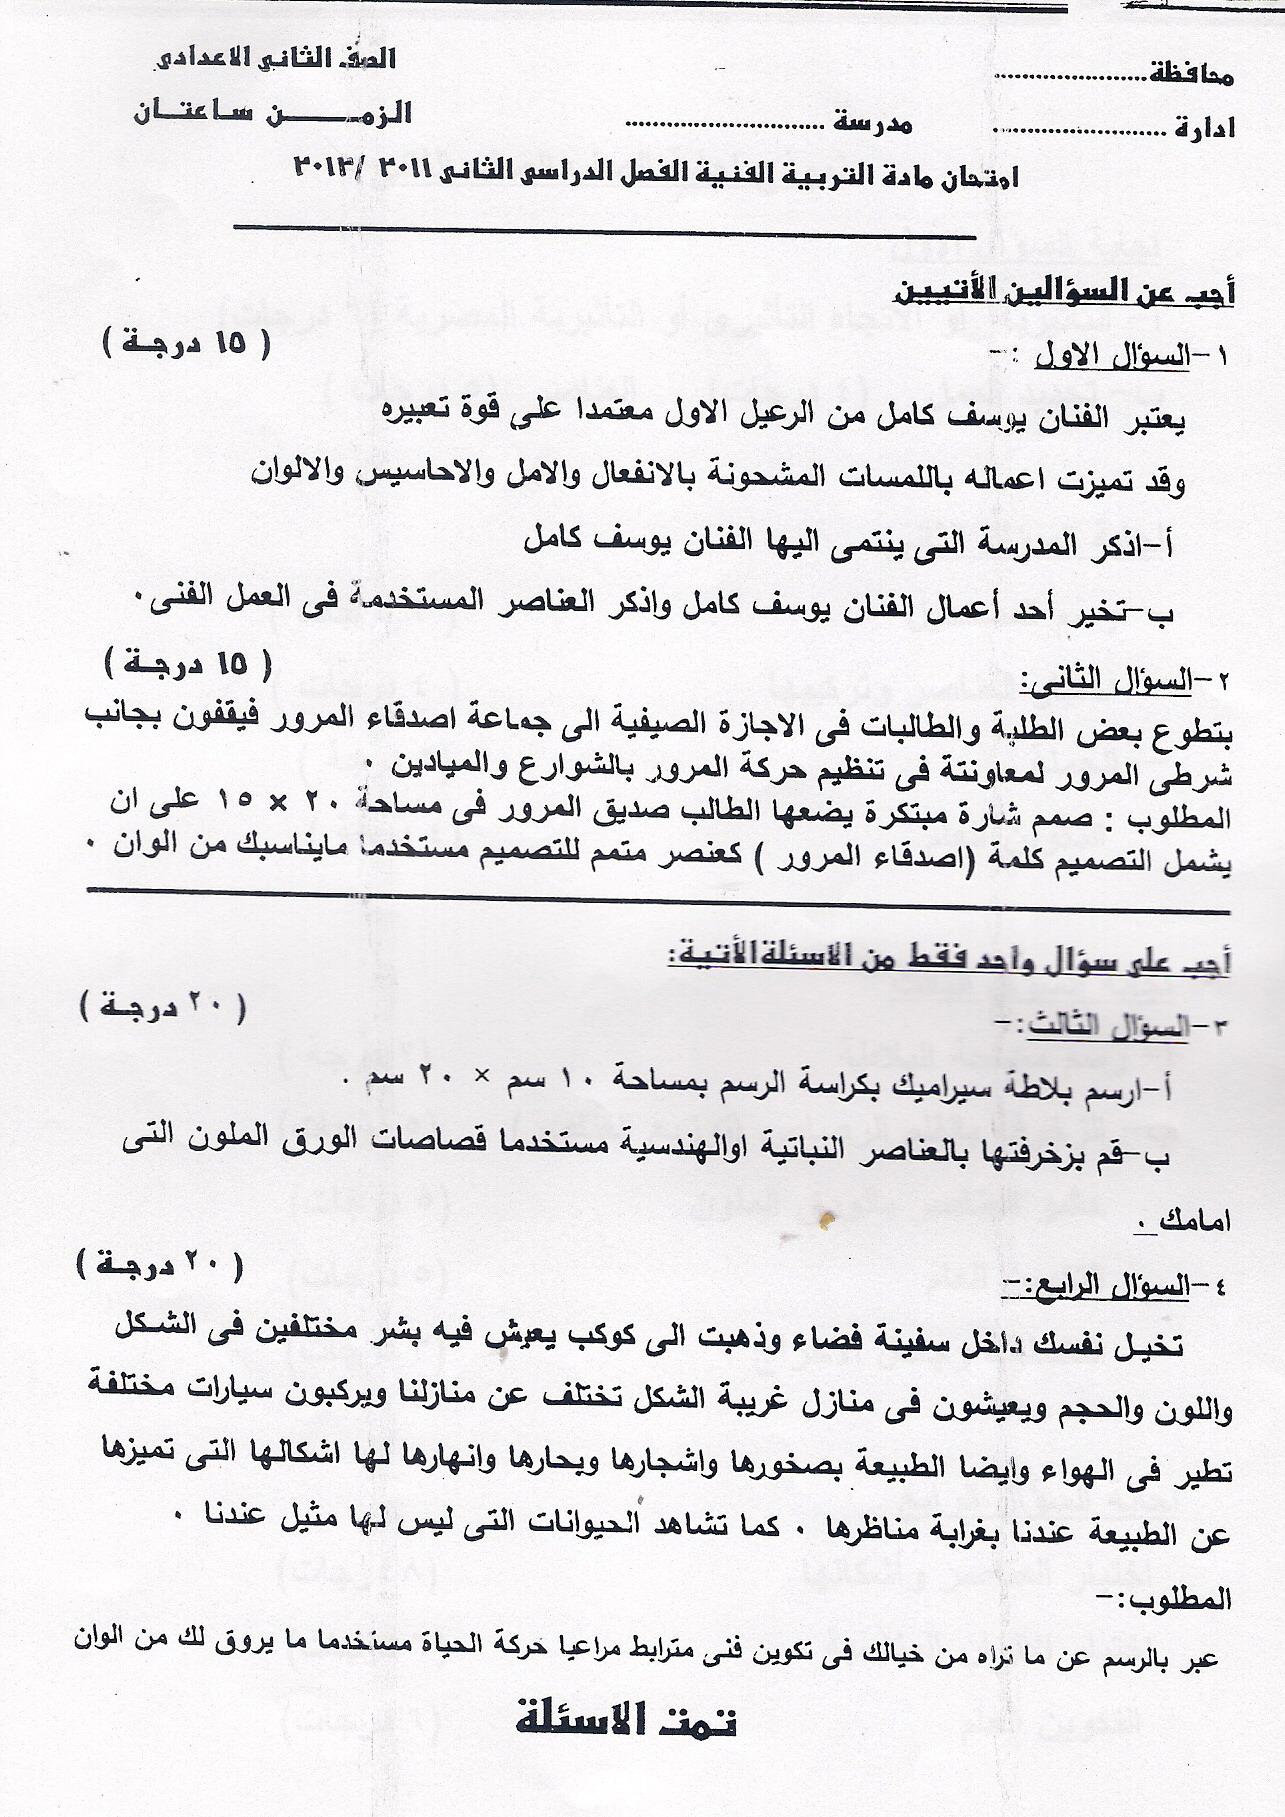 نموذج امتحان تربية فنية حسب المواصفات للصف ثاني اعدادي ترم ثاني المنهاج المصري 1462482175921.jpg